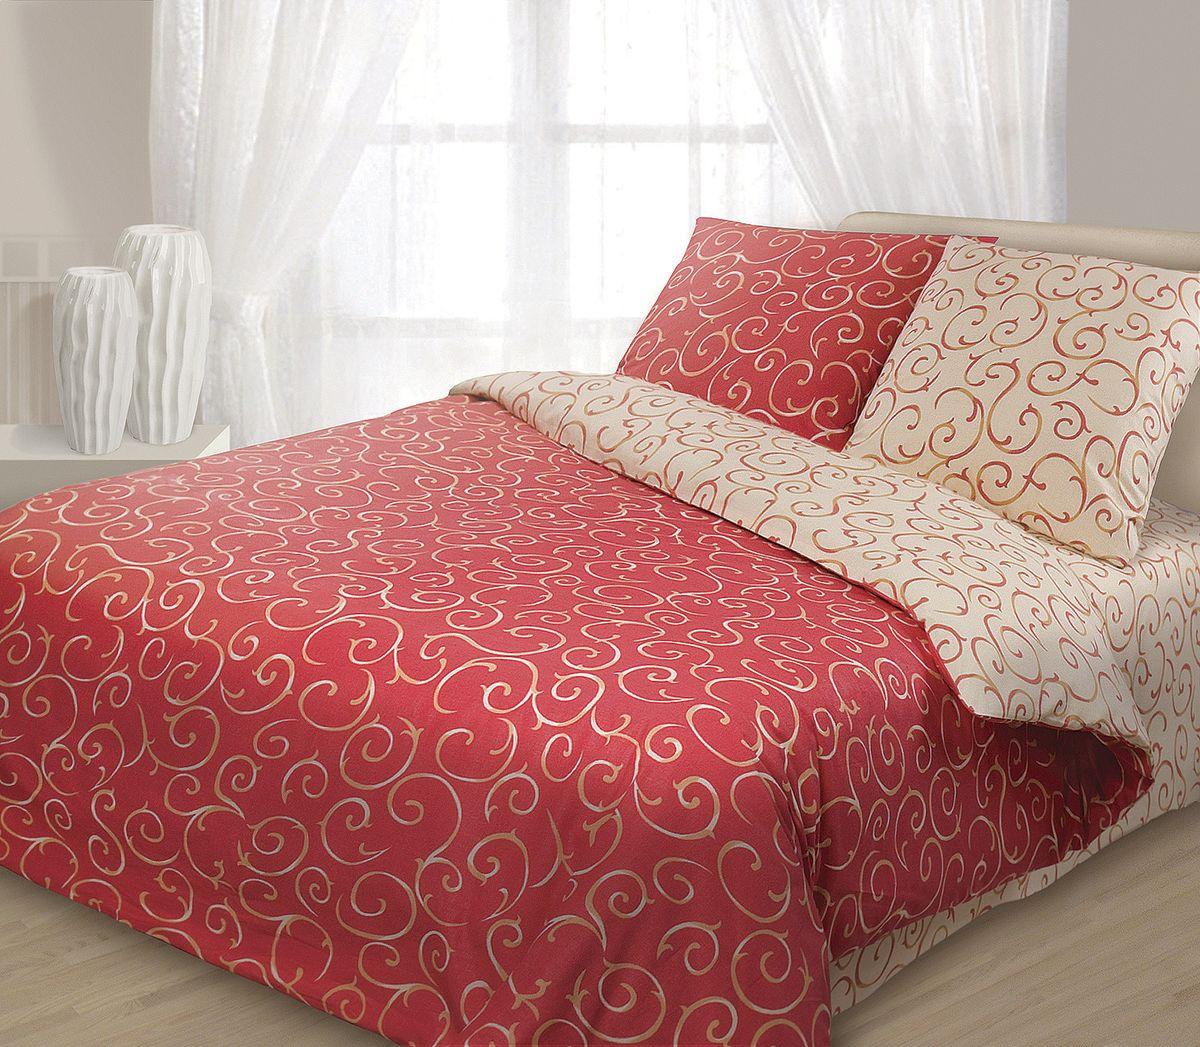 Комплект белья Гармония Барокко, 1,5-спальный, наволочки 50x70, цвет: красный, бежевый190813Комплект постельного белья Гармония Барокко является экологически безопасным, так как выполнен из поплина (100% хлопок). Комплект состоит из пододеяльника, простыни и двух наволочек. Постельное белье оформлено оригинальным орнаментом и имеет изысканный внешний вид. Поплин мягкий и приятный на ощупь. Кроме того, эта ткань не требует особого ухода, легко стирается и прекрасно держит форму. Высококачественные красители, которые используются при производстве постельного белья, экологичны и сохраняют свой цвет даже после многочисленных стирок.